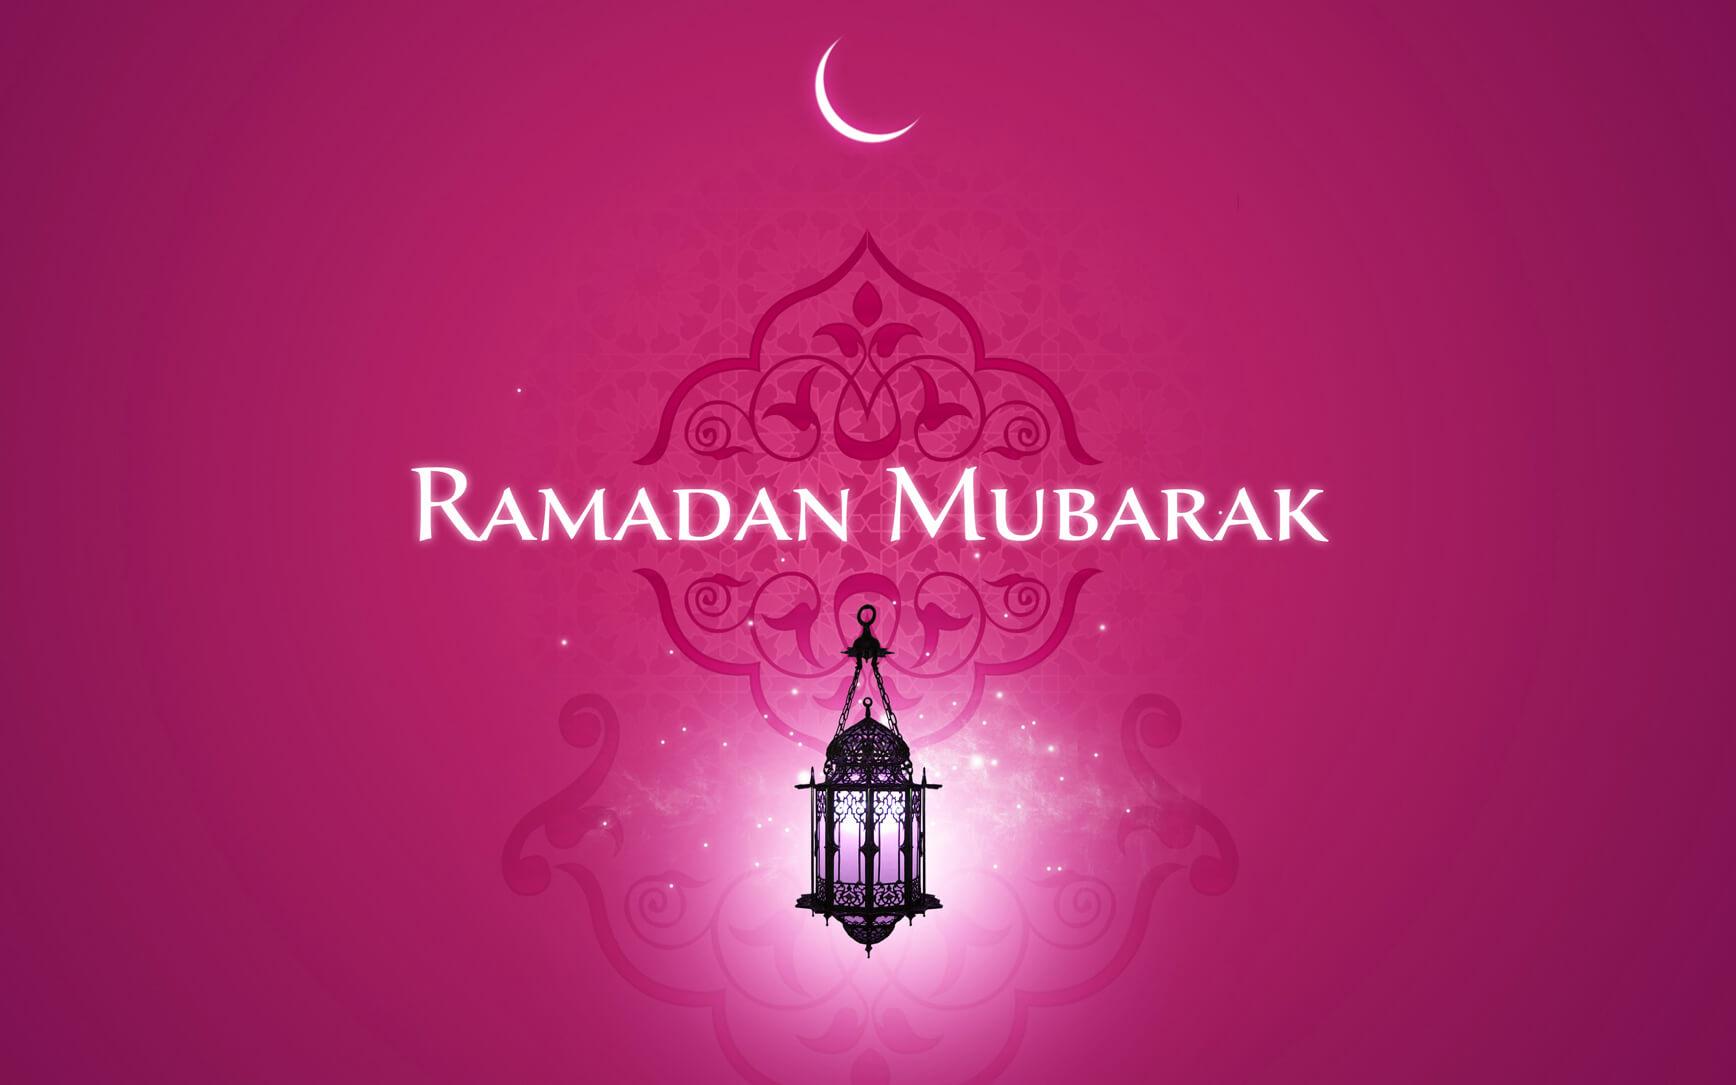 ramazan-masaustu-resimleri-19.jpg